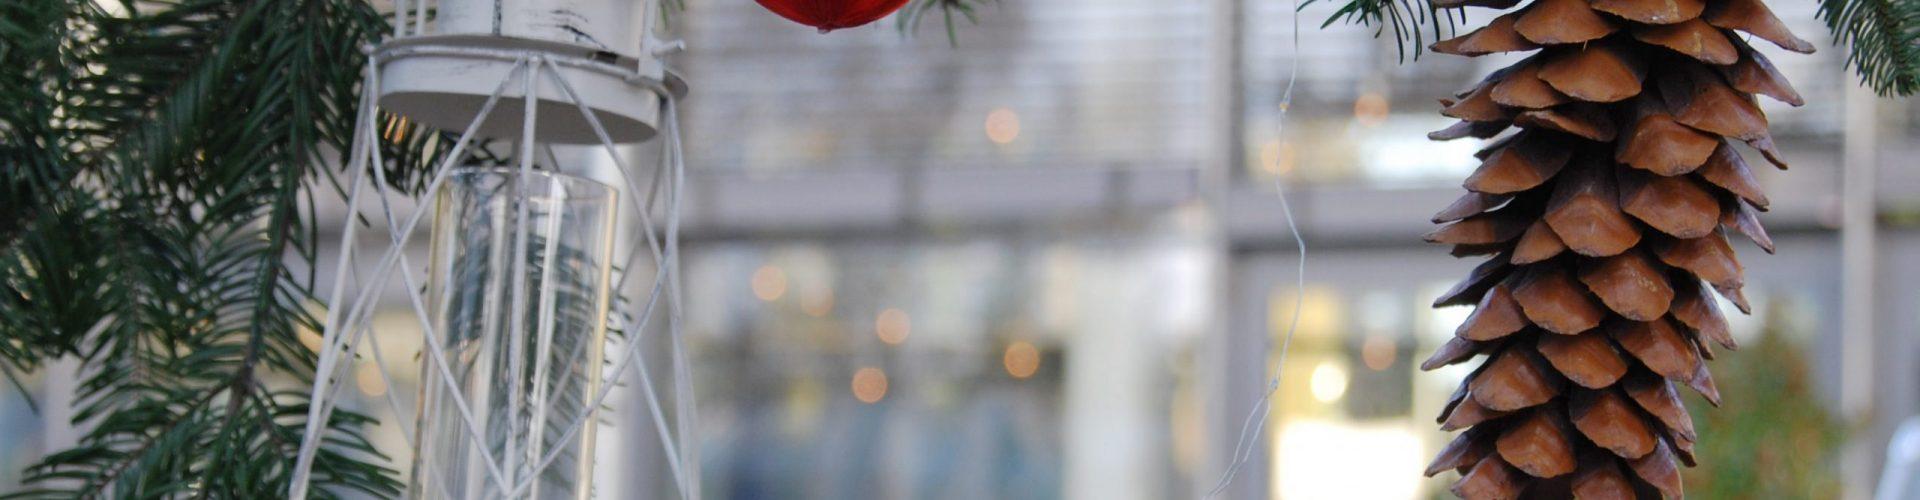 Weihnachtsstimmung Cafe Menthe